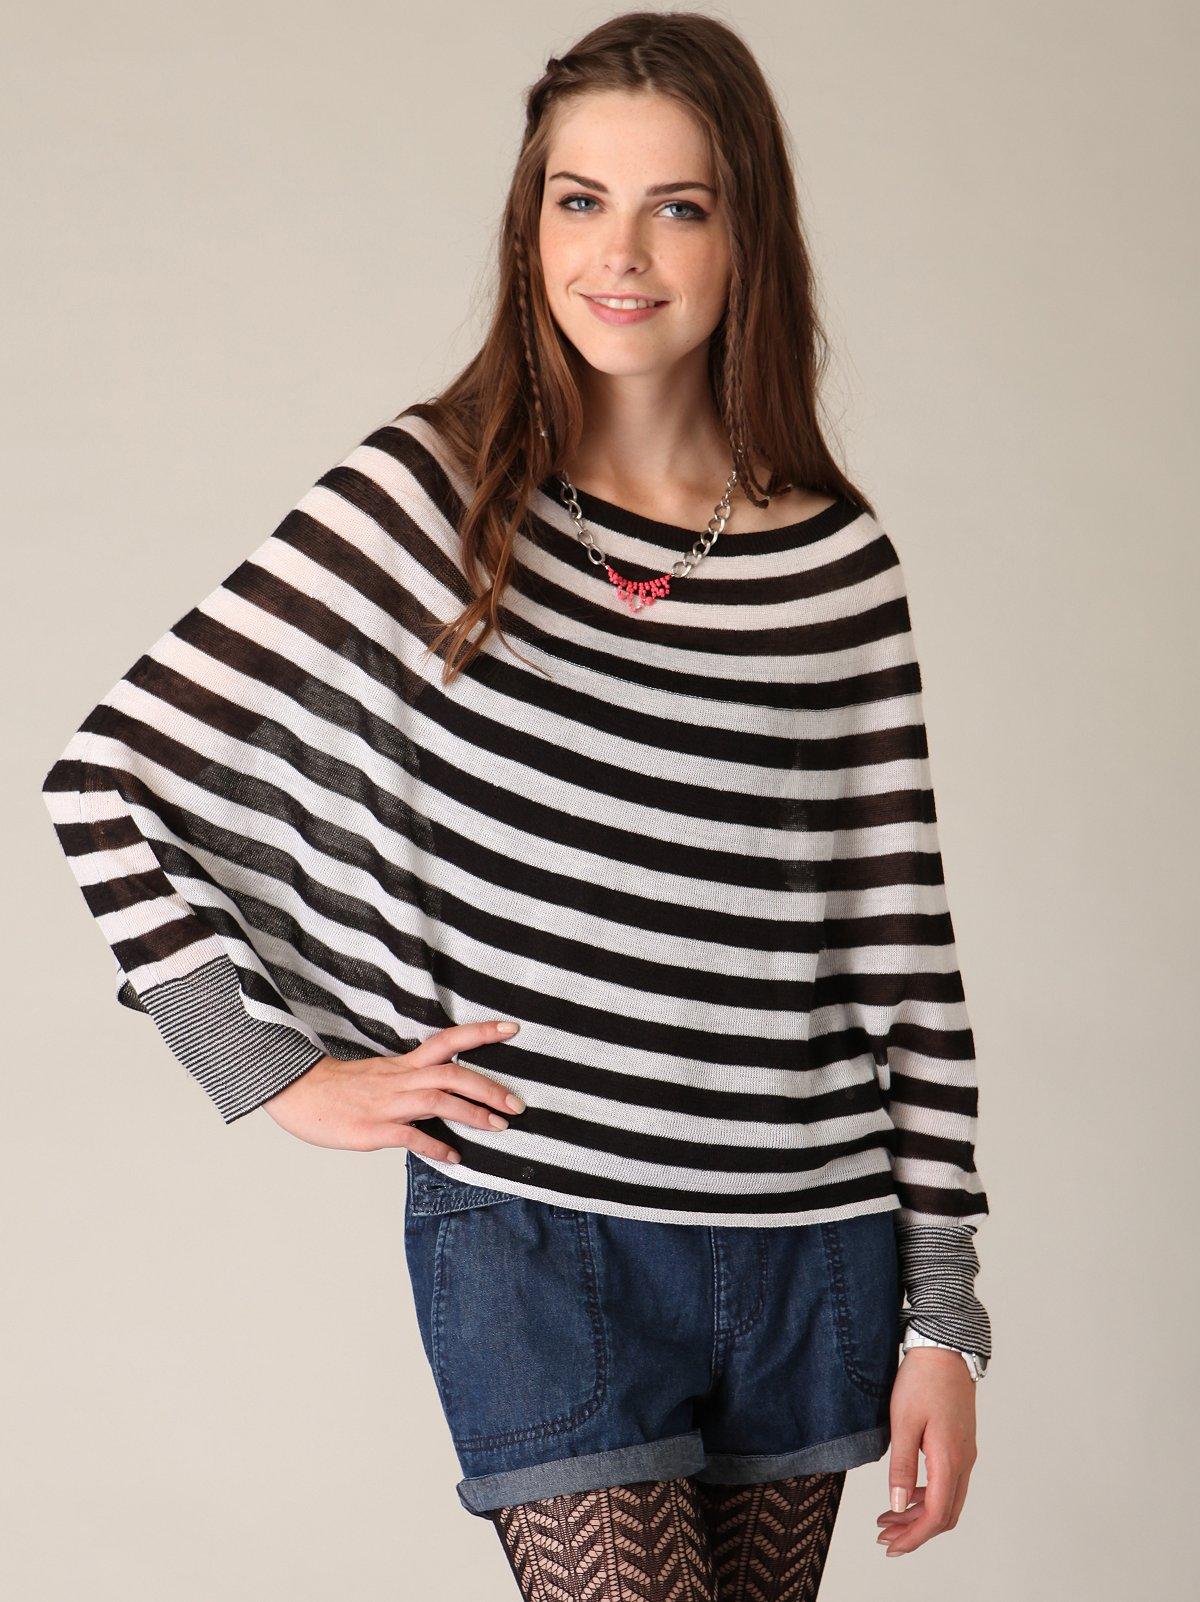 Stripe Roundabout Sweater